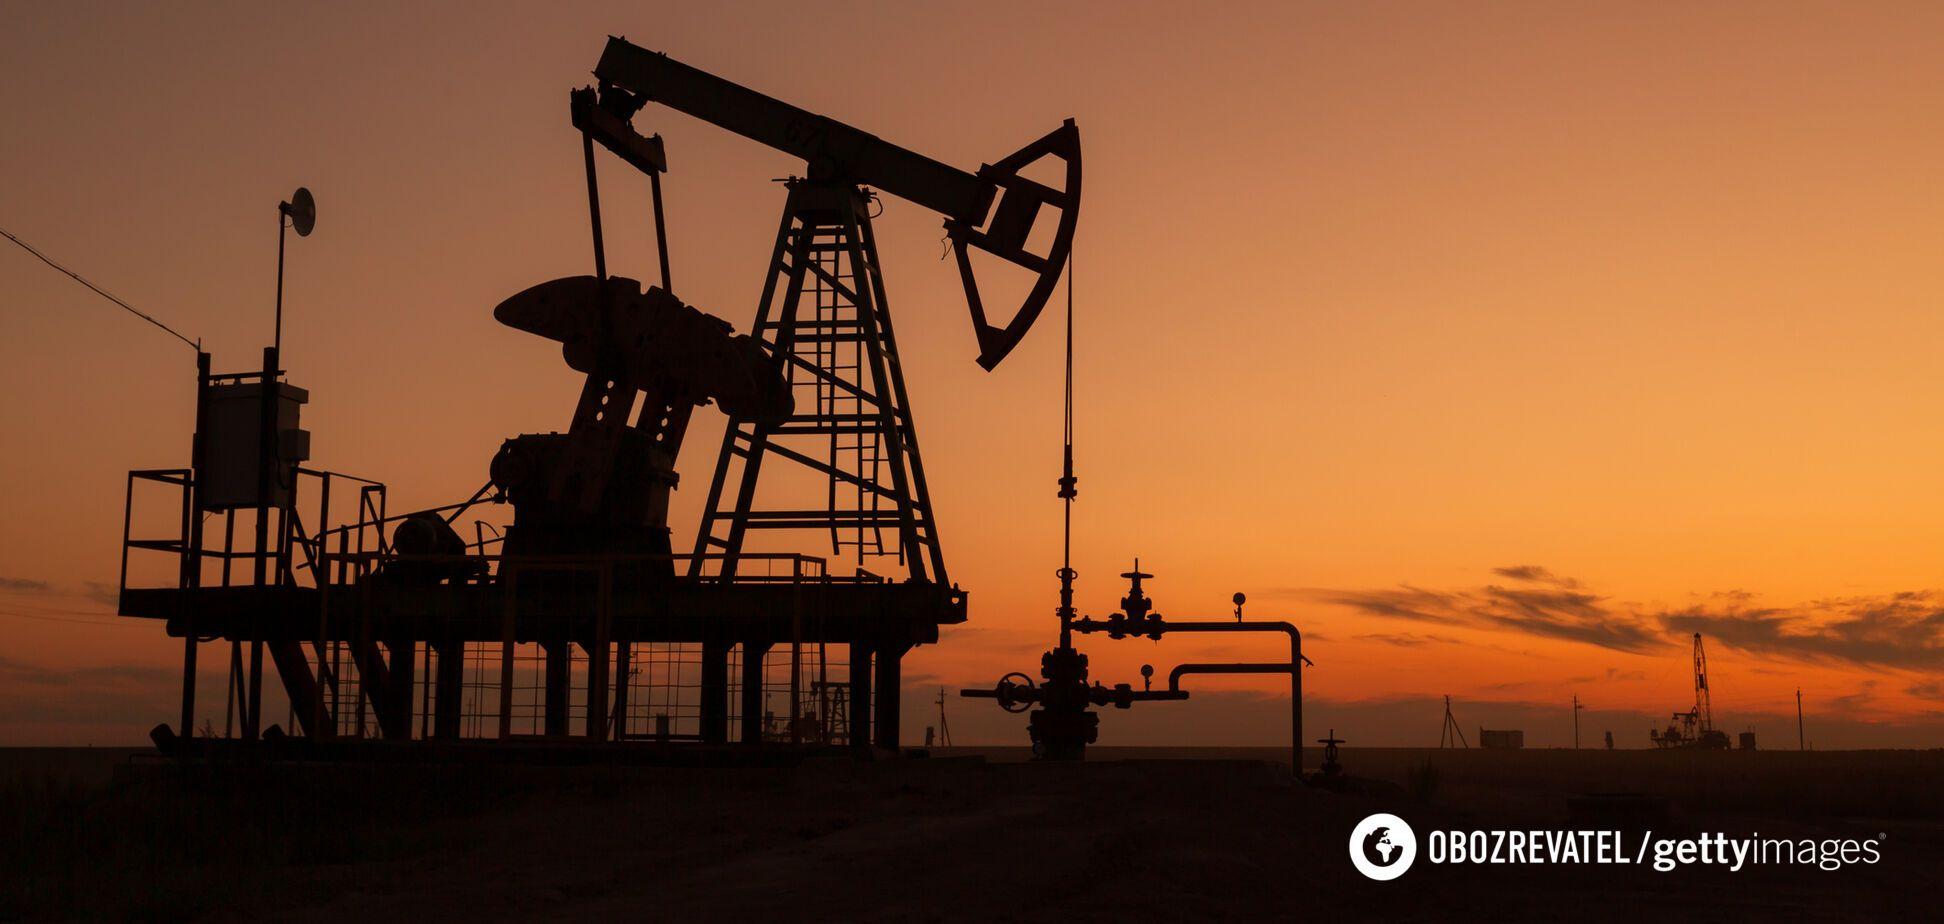 Ціни на нафту падають через коронавірус: Рабинович попередив про зубожіння бюджету РФ